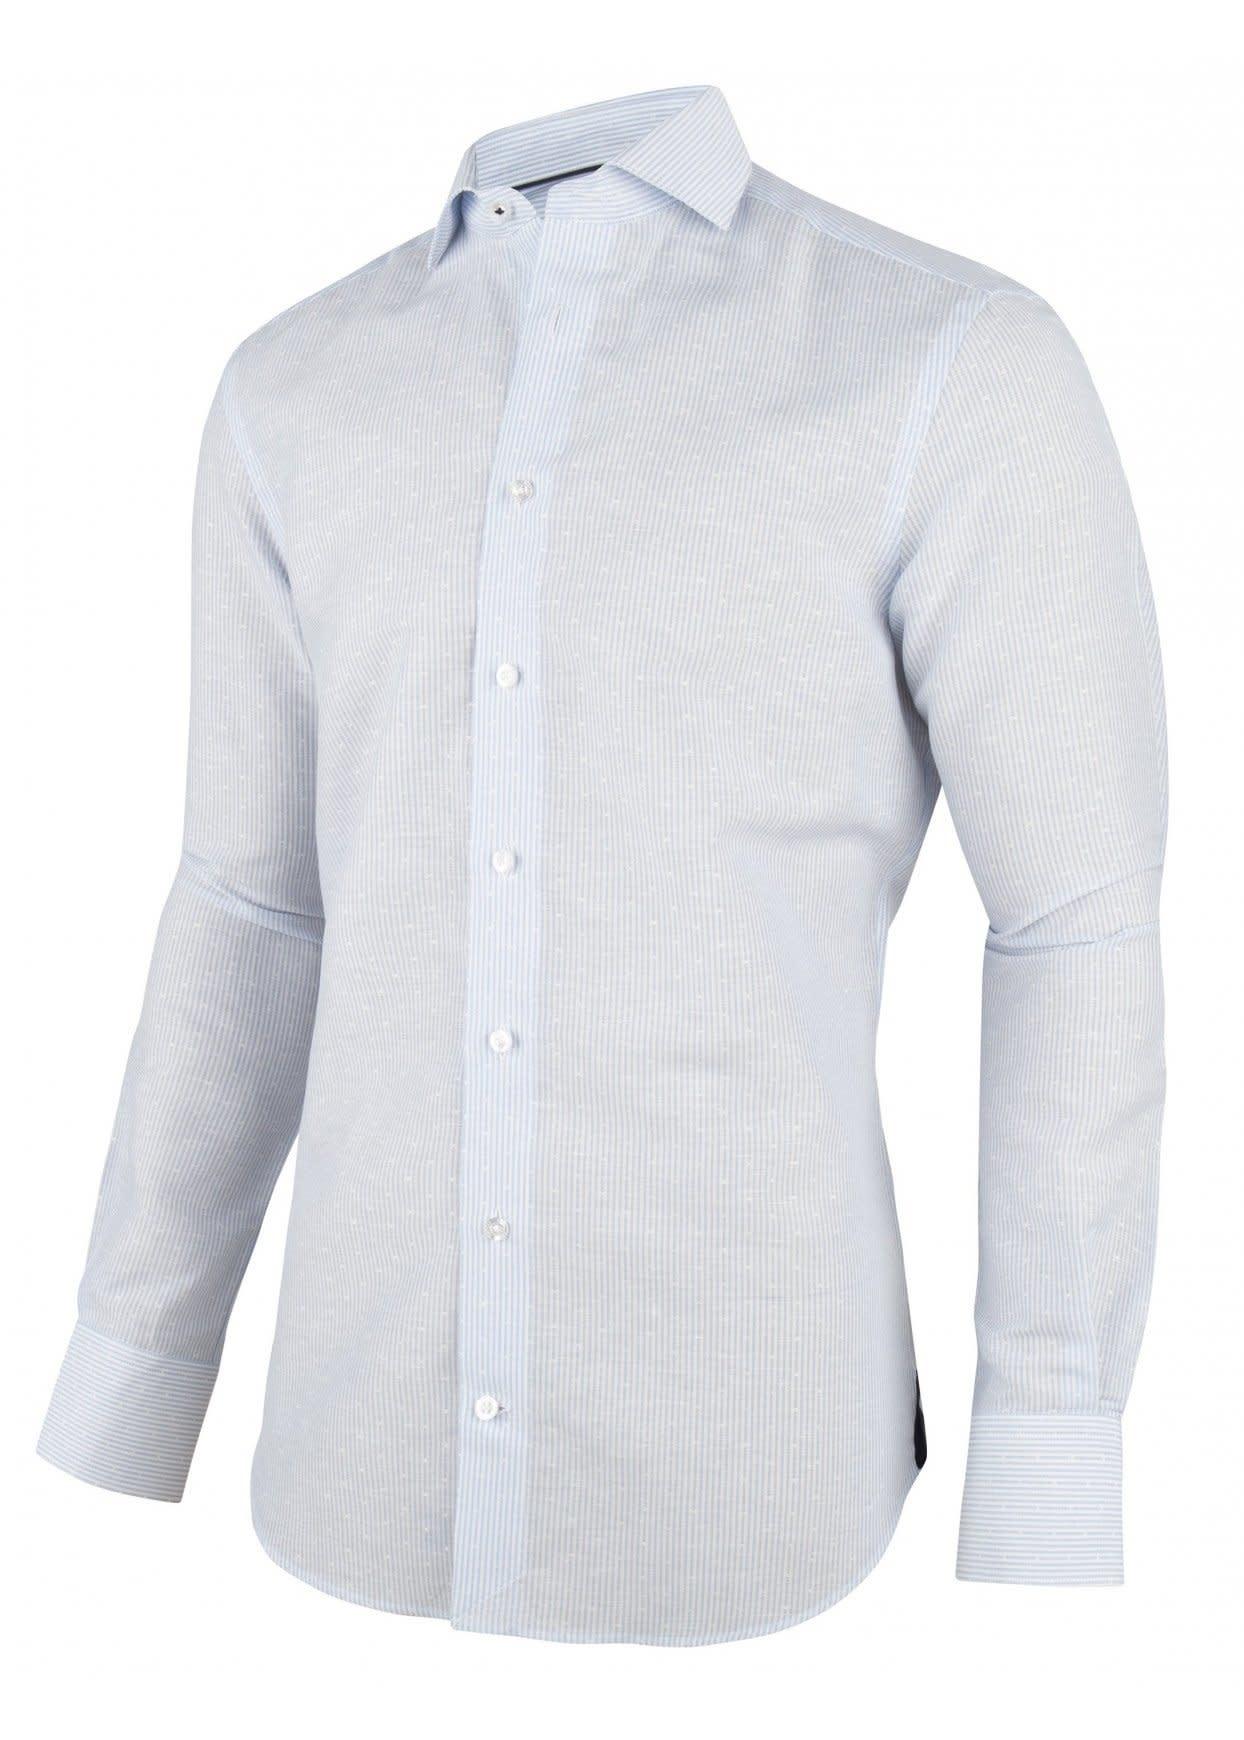 Bari overhemd-3